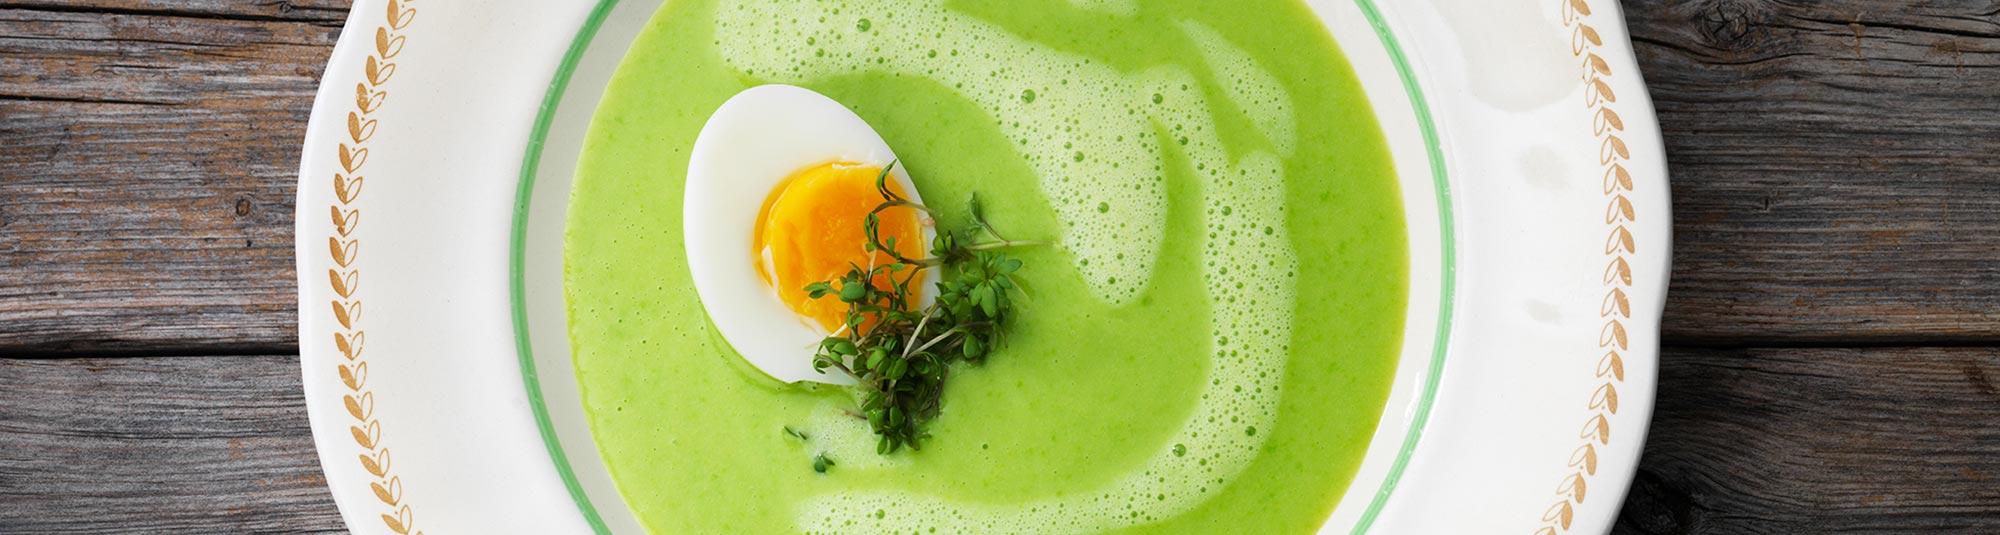 Grönsakssoppa med ägghalva